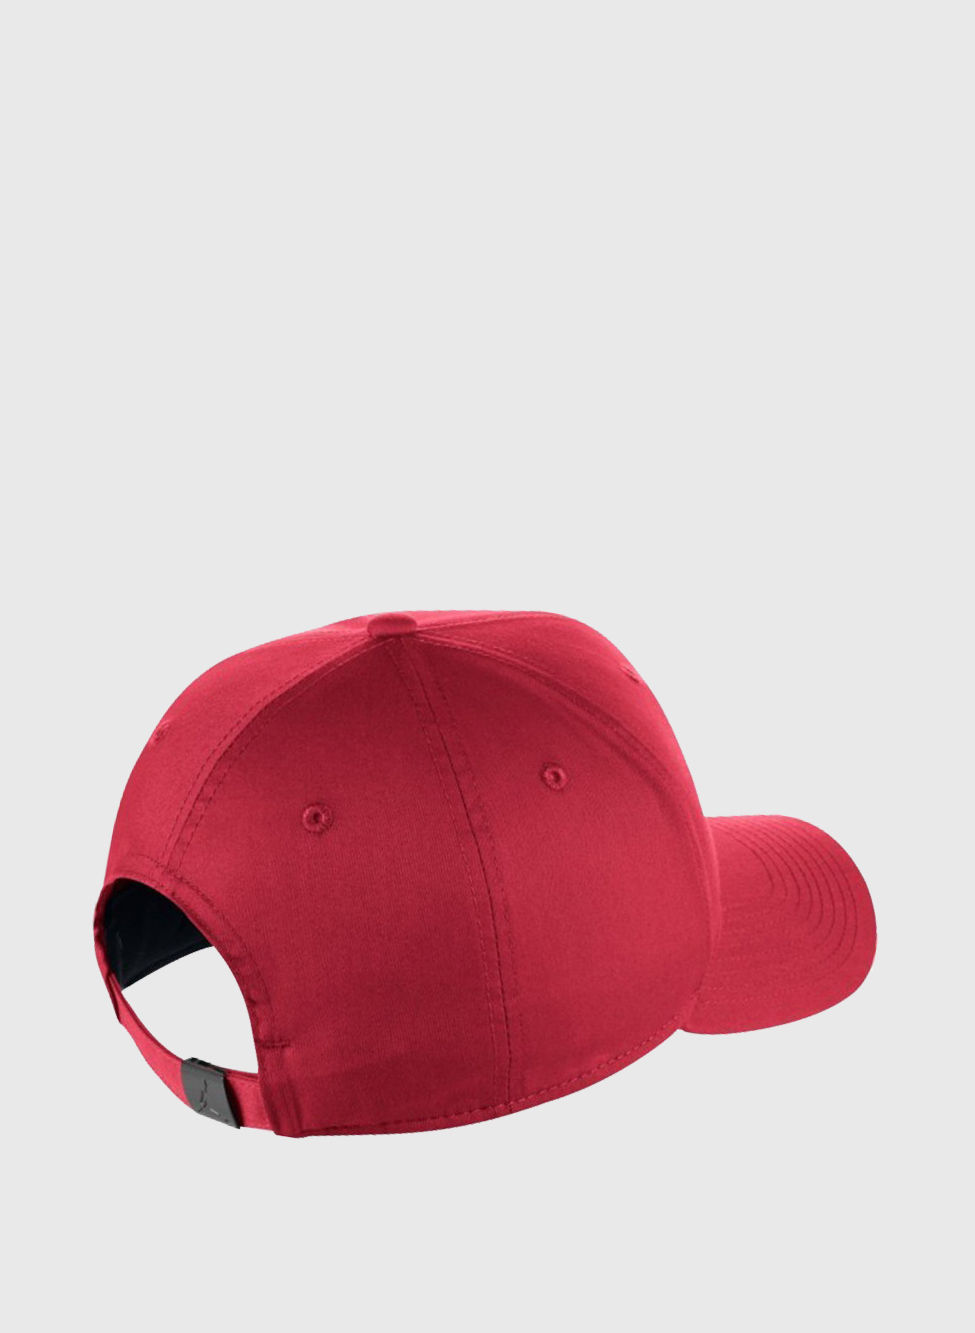 CAPPELLO VISIERA JORDAN METAL RED 4060a4ccb6cc